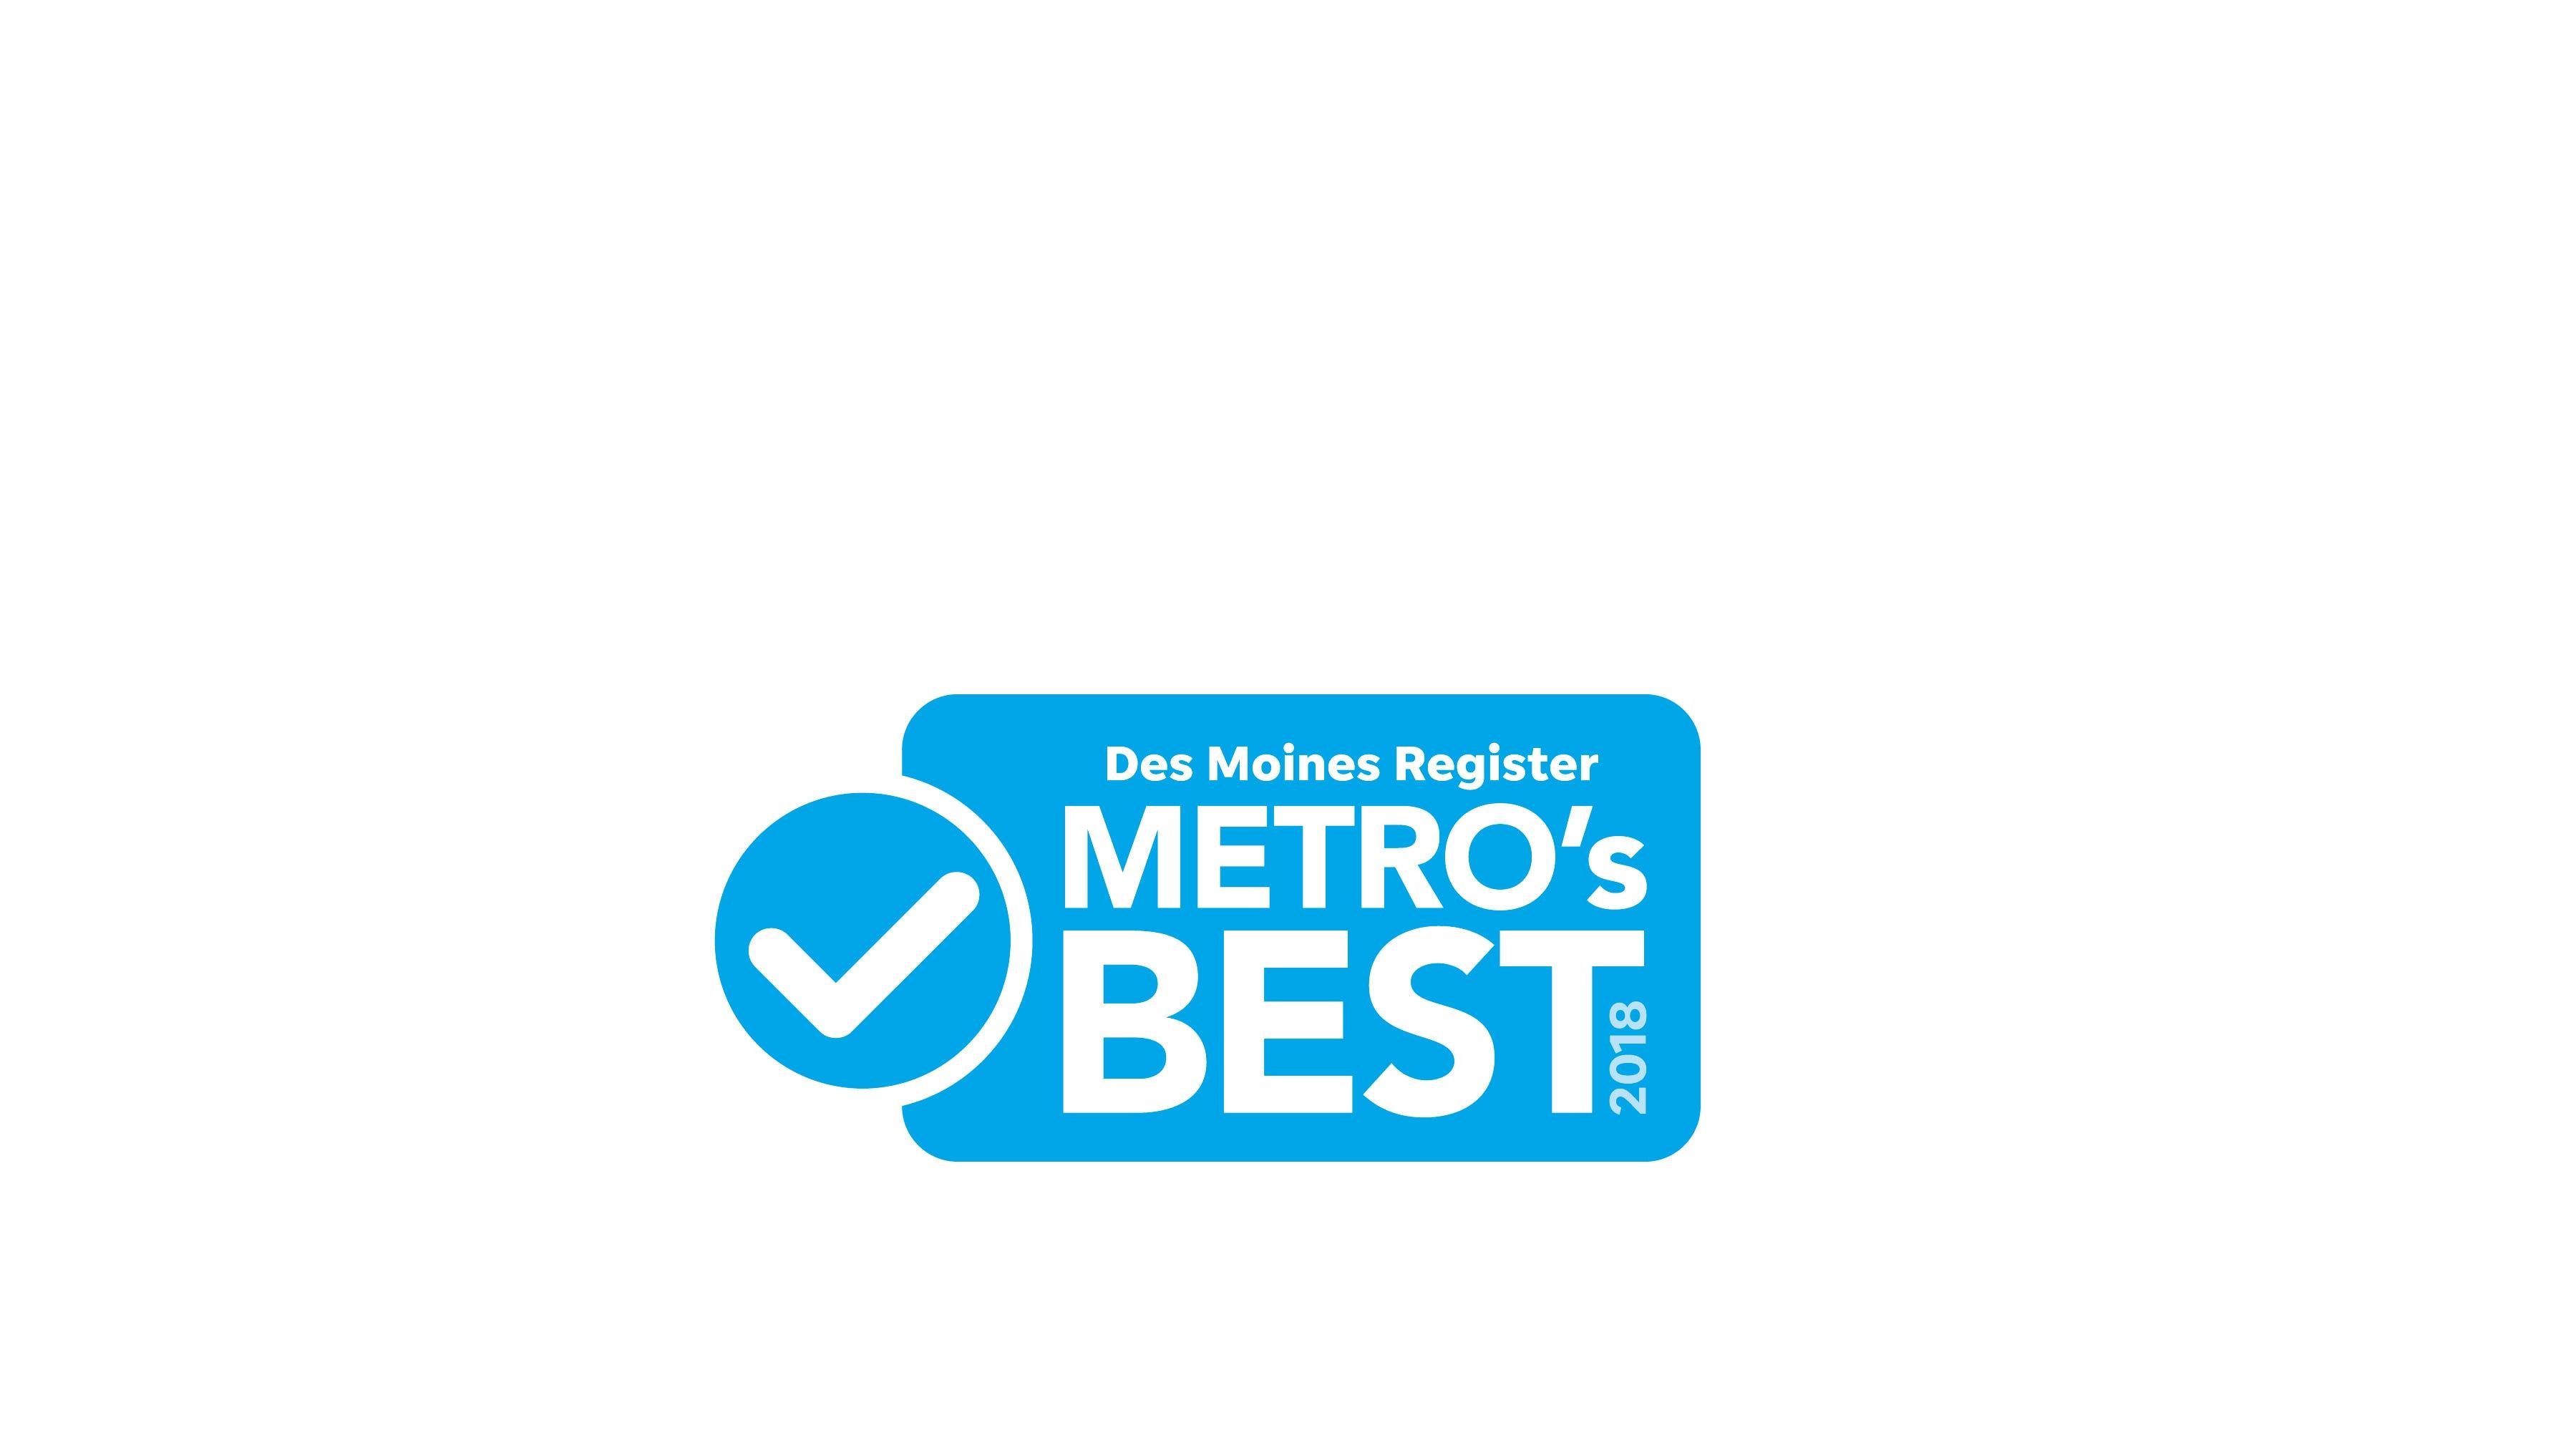 Des Moines Register Metro's Best